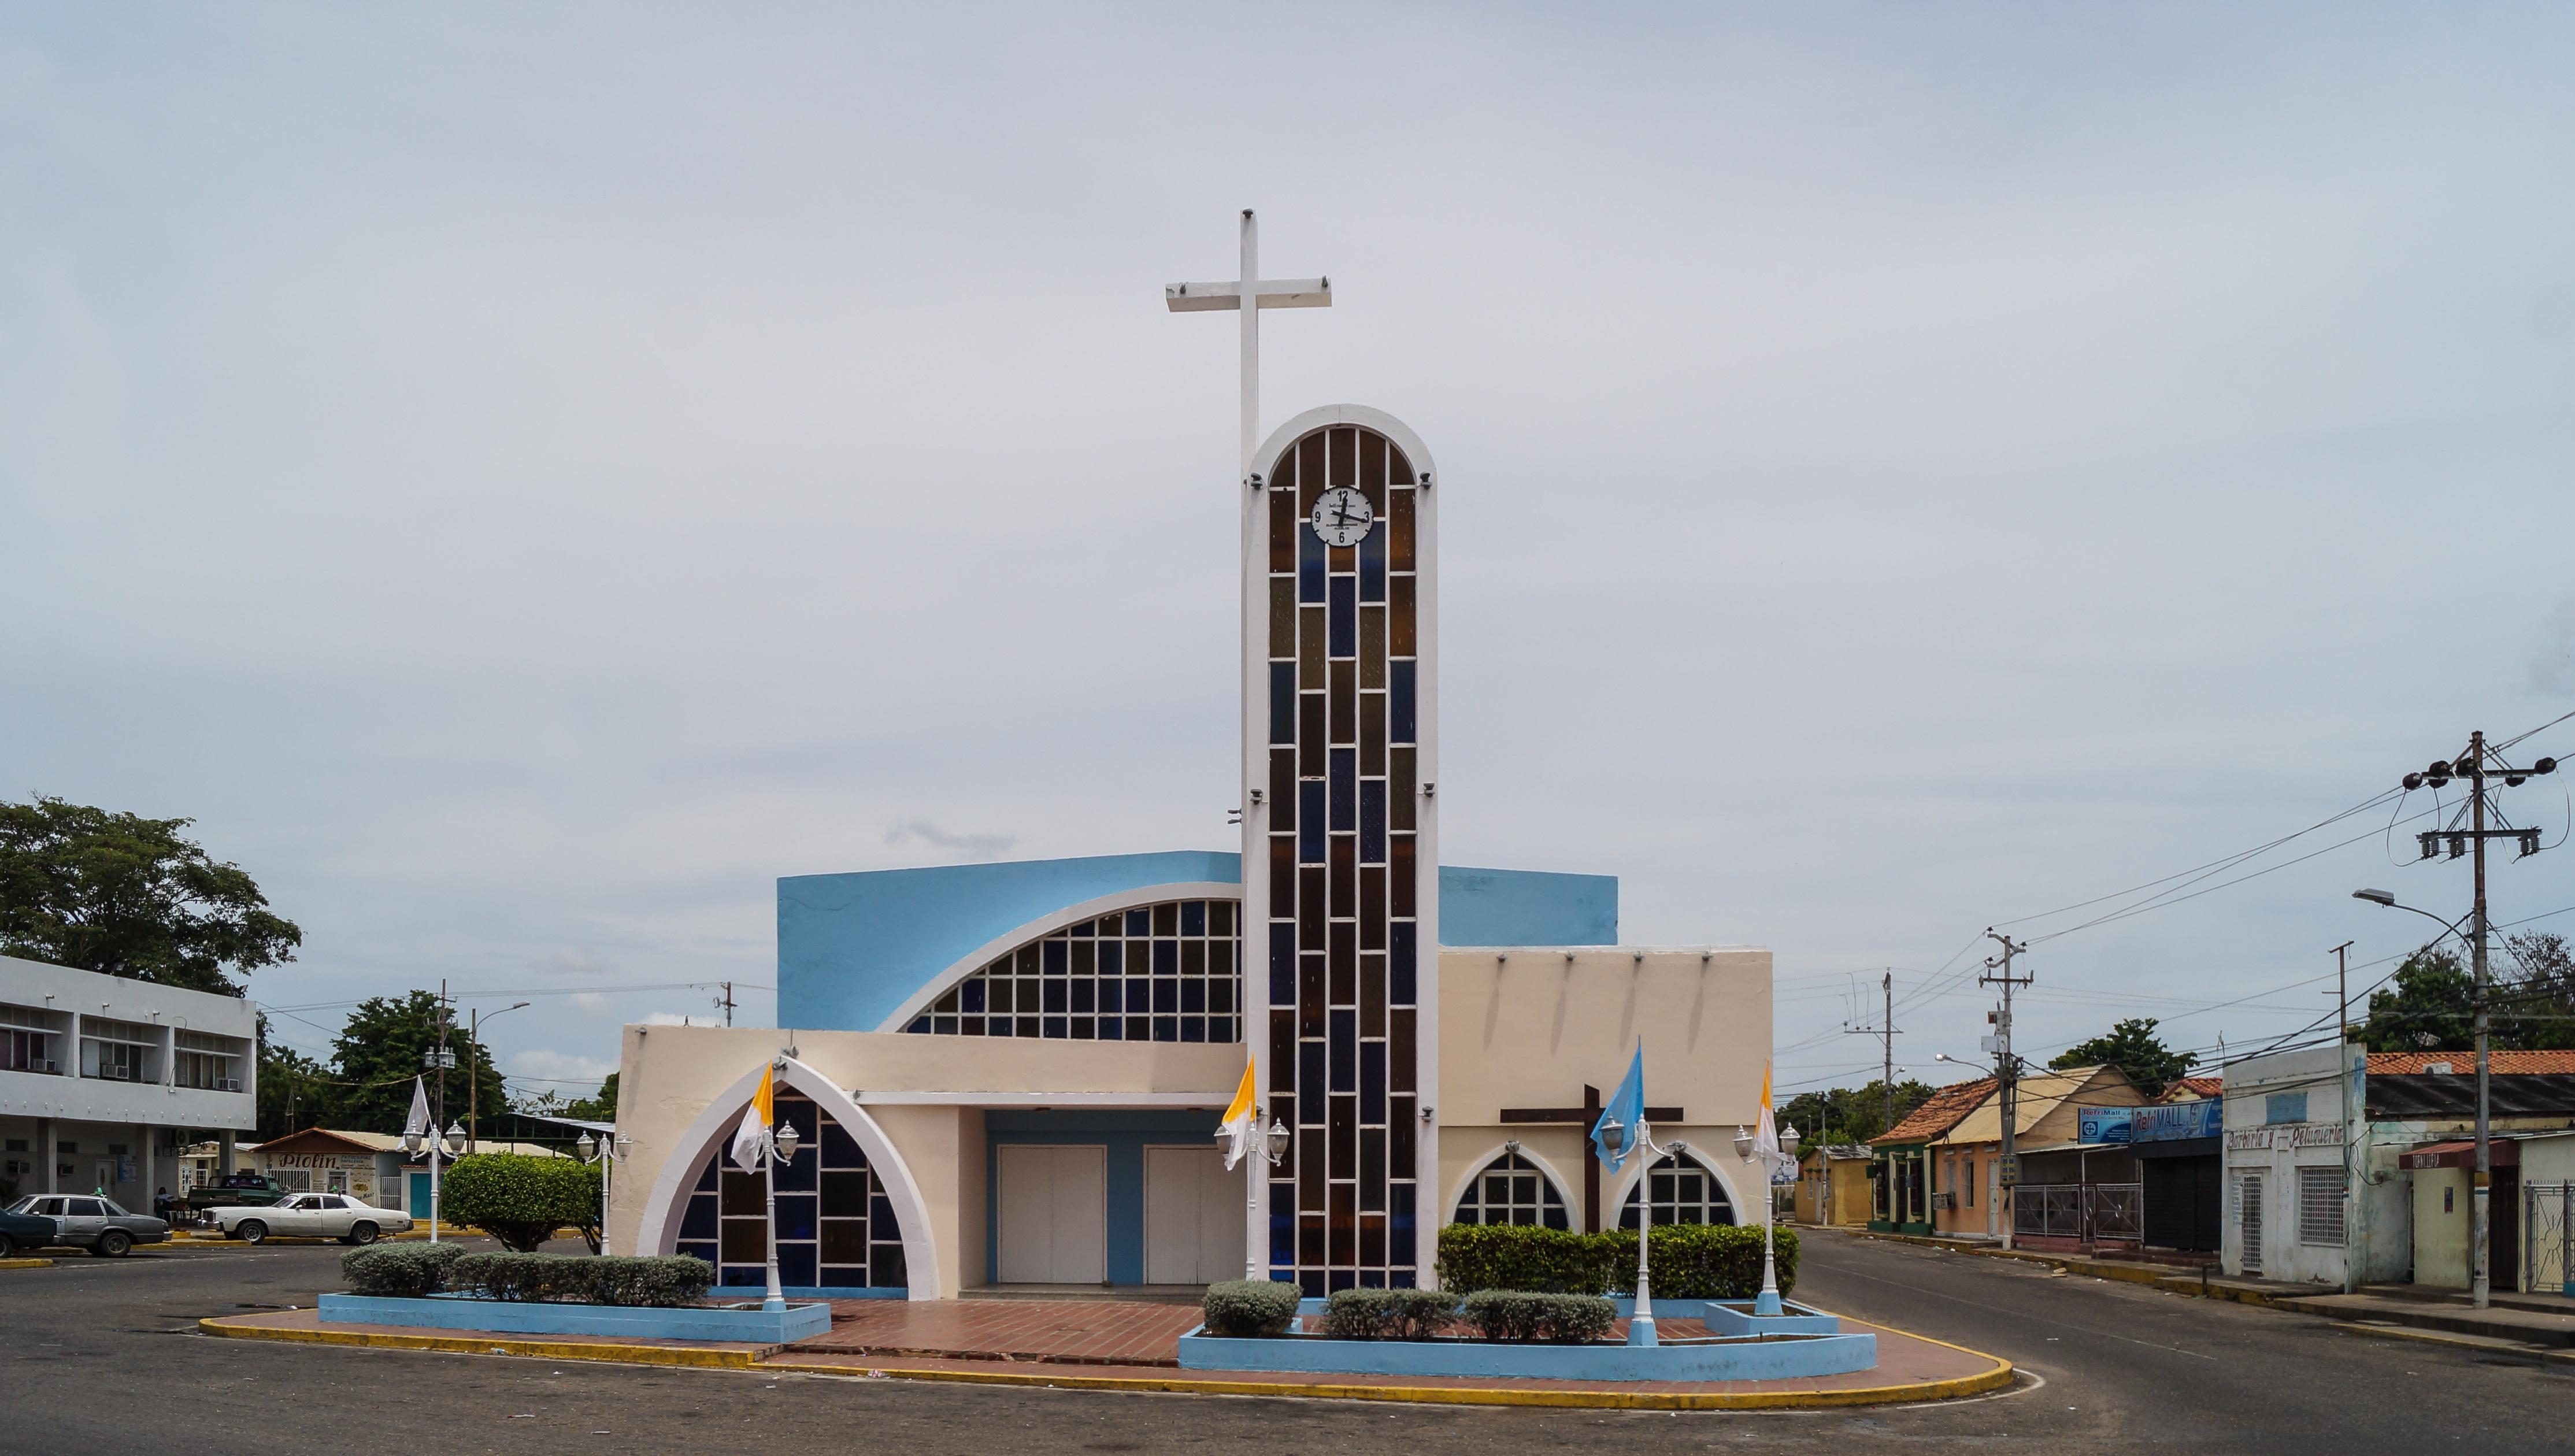 File:Iglesia Nuestra Señora del Rosario I.jpg - Wikimedia Commons